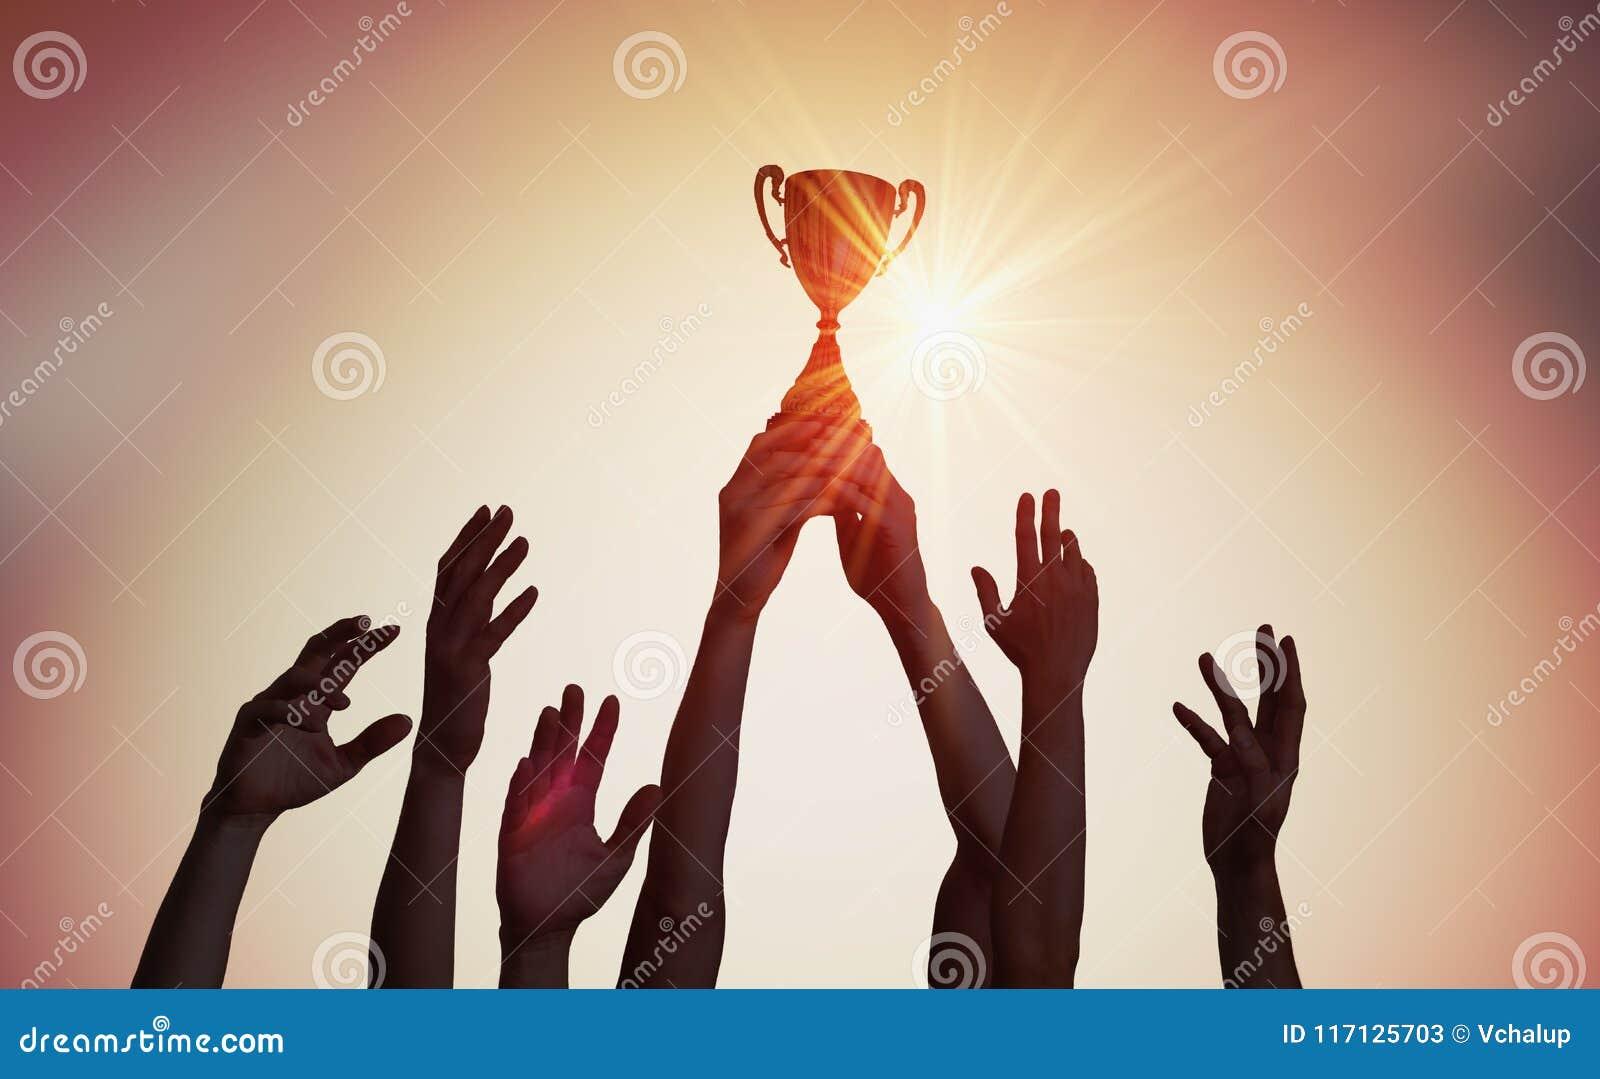 El equipo que gana está sosteniendo el trofeo en manos Siluetas de muchas manos en puesta del sol